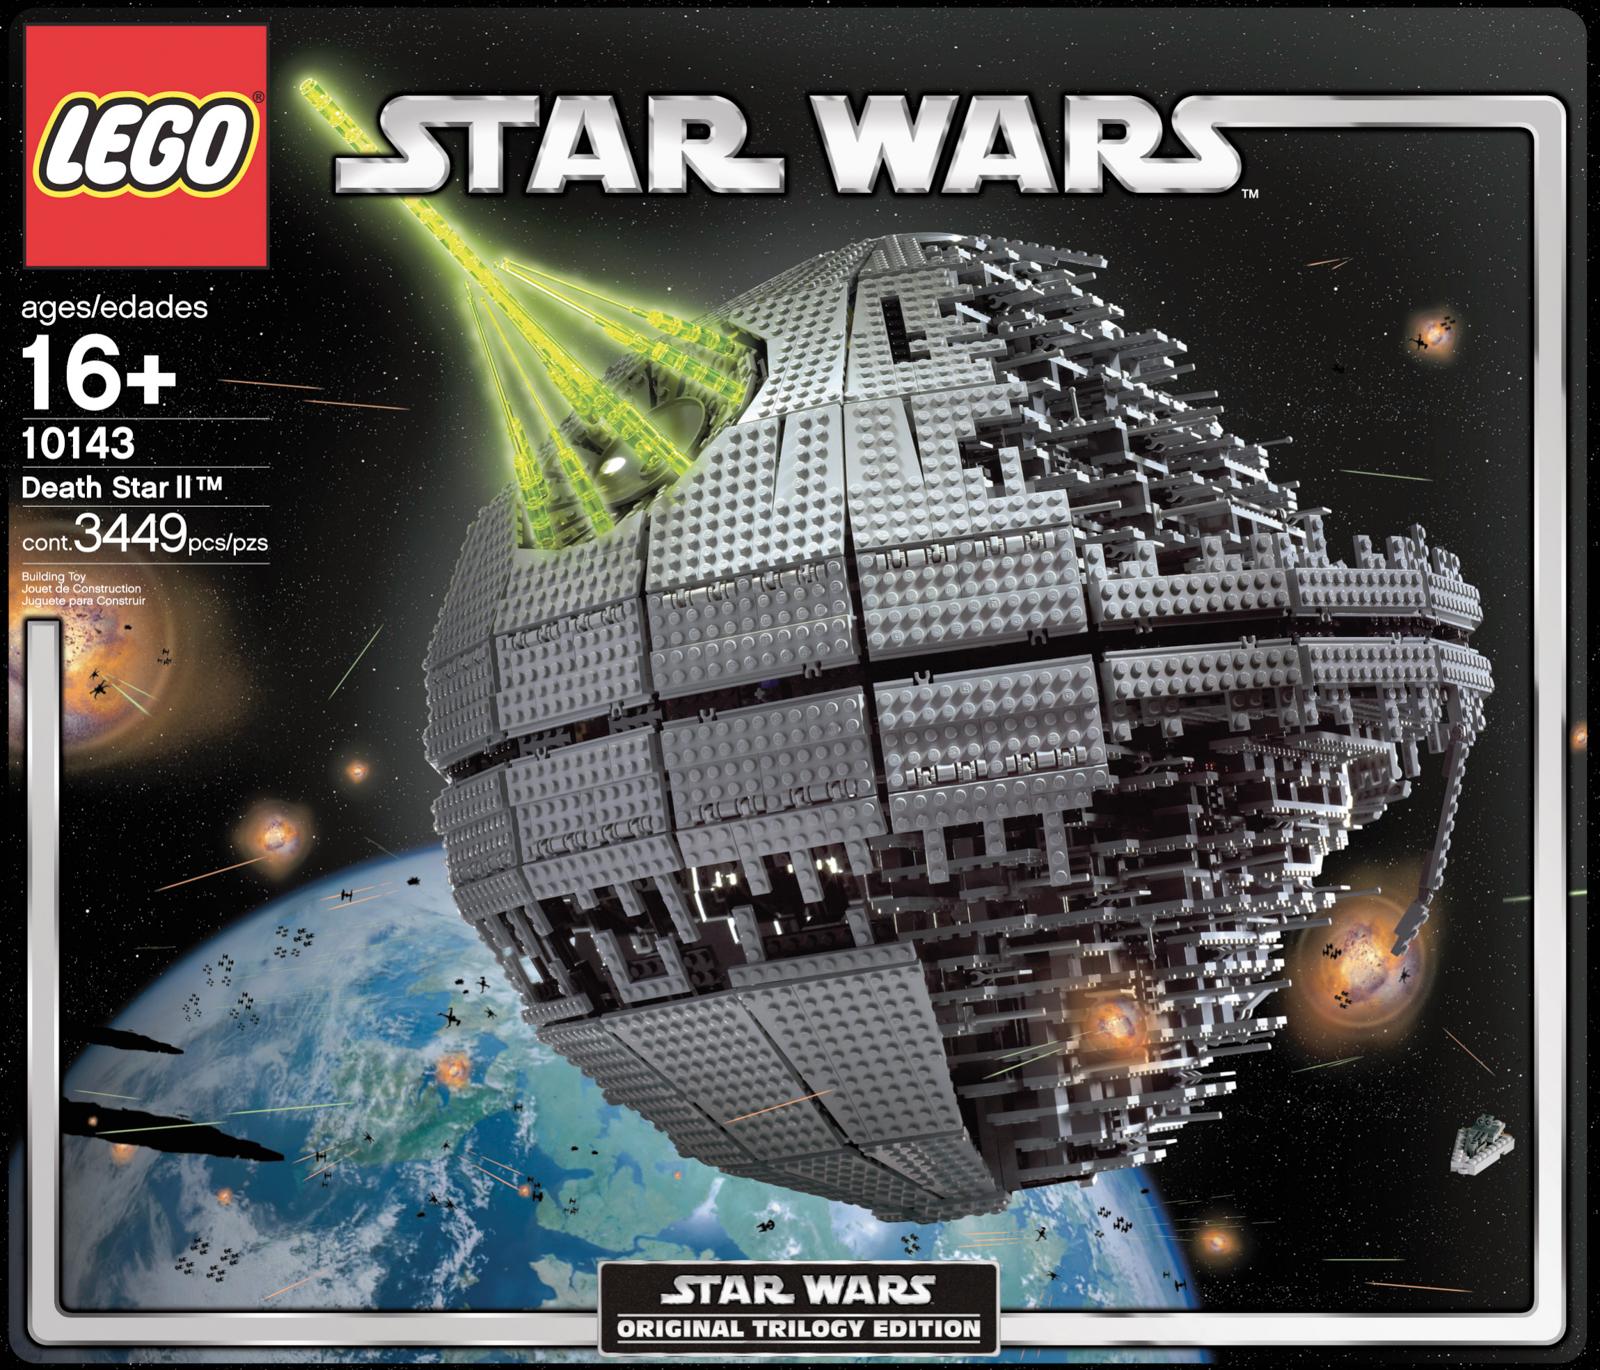 LEGO _004.jpg